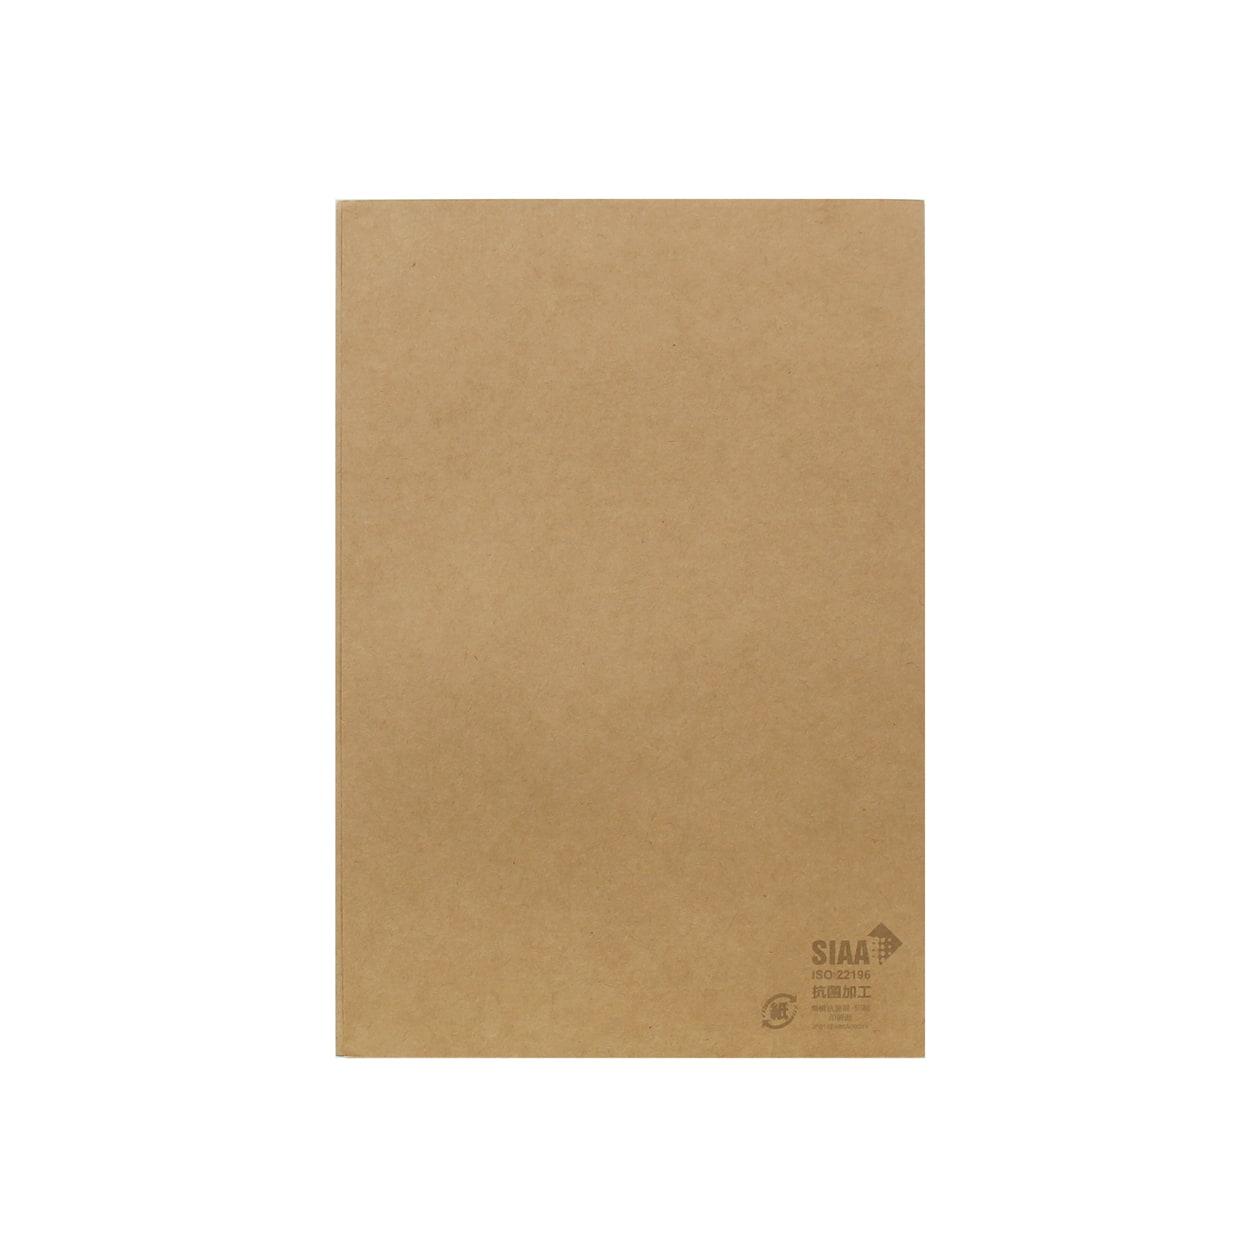 サンプル 封筒・袋 00162